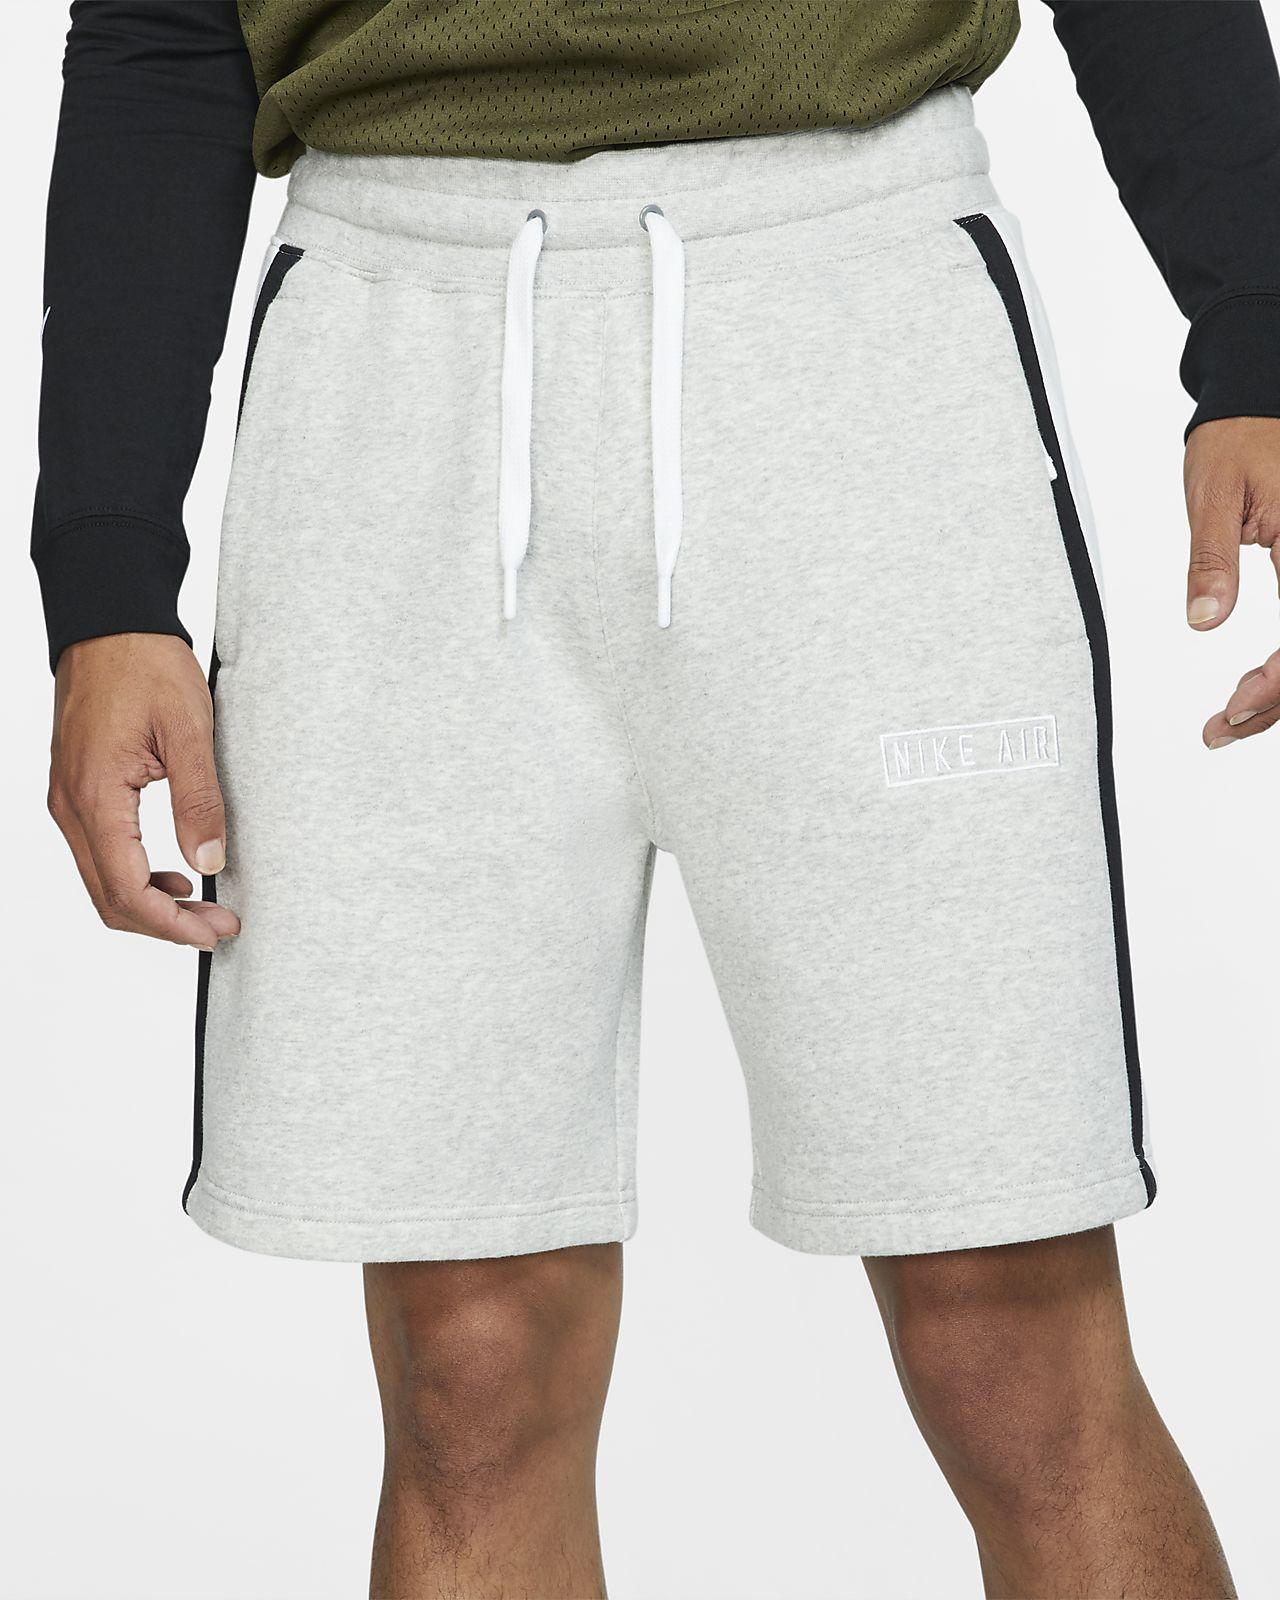 c80373231c Nike Air Men's Shorts